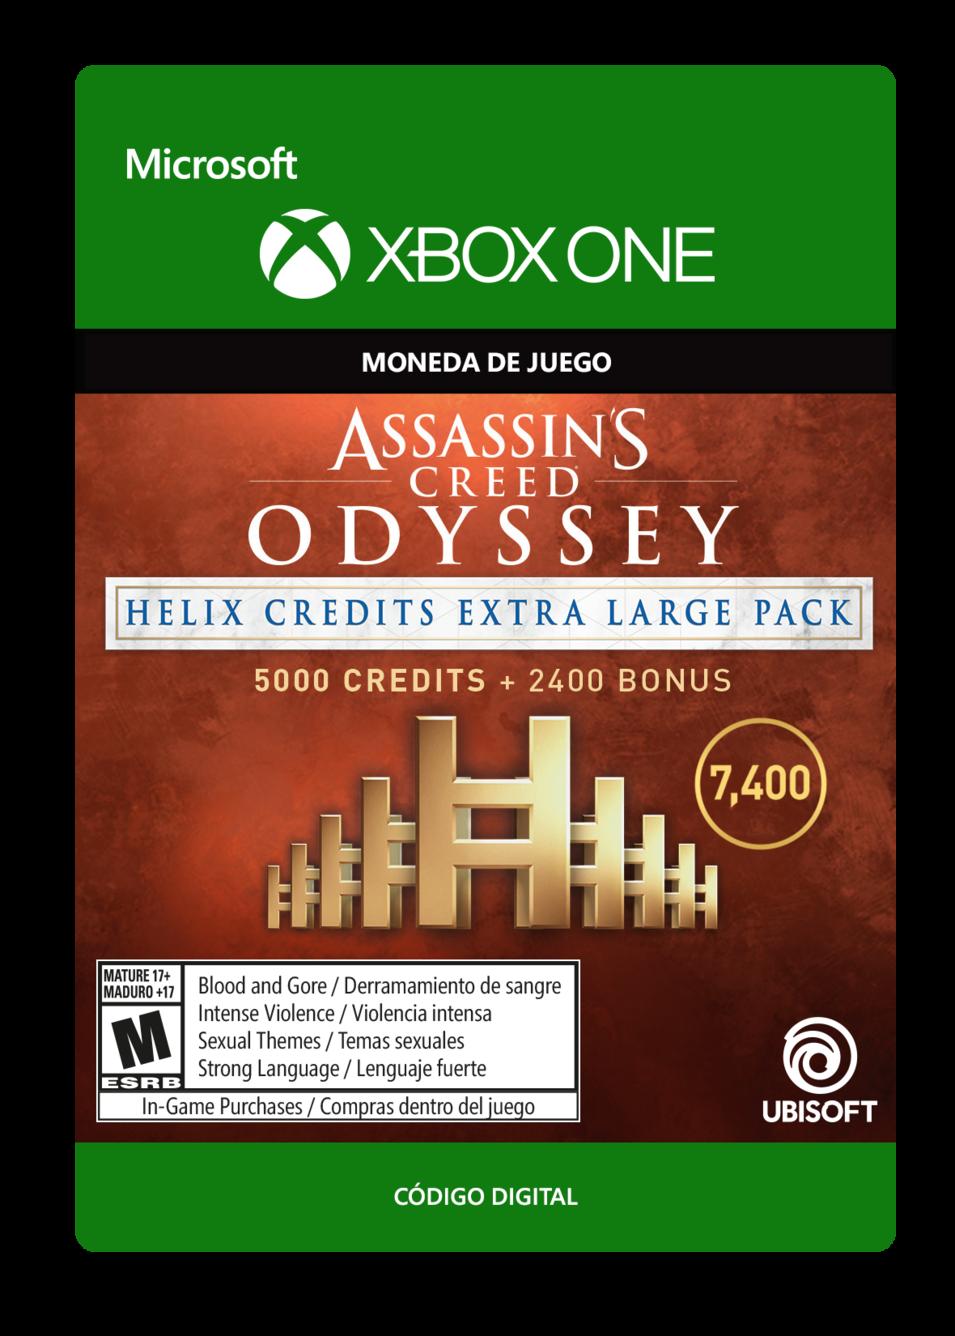 Assassin s Creed Odyssey - CRÉDITOS DE HELIX - PAQUETE EXTRA GRANDE 7400